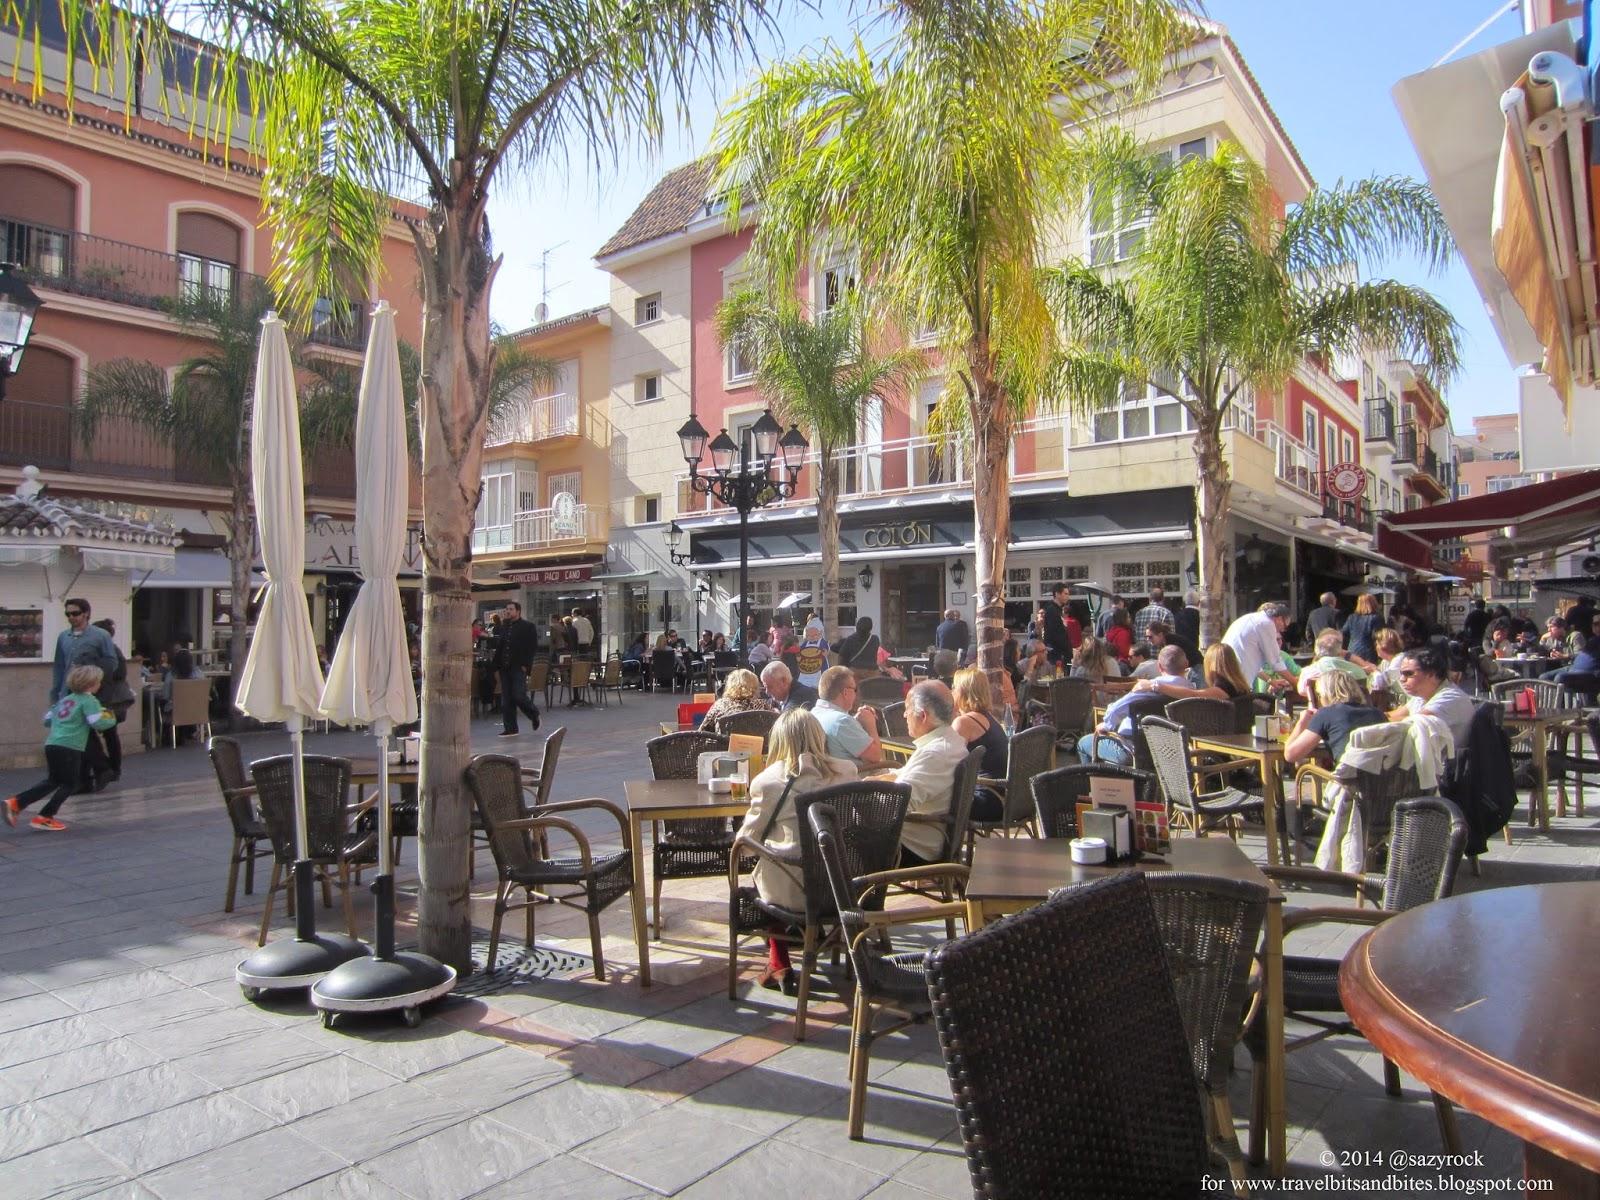 Plaza de los Chinorros to punkt obowiązkowy każdej wyprawy do Fuengiroli